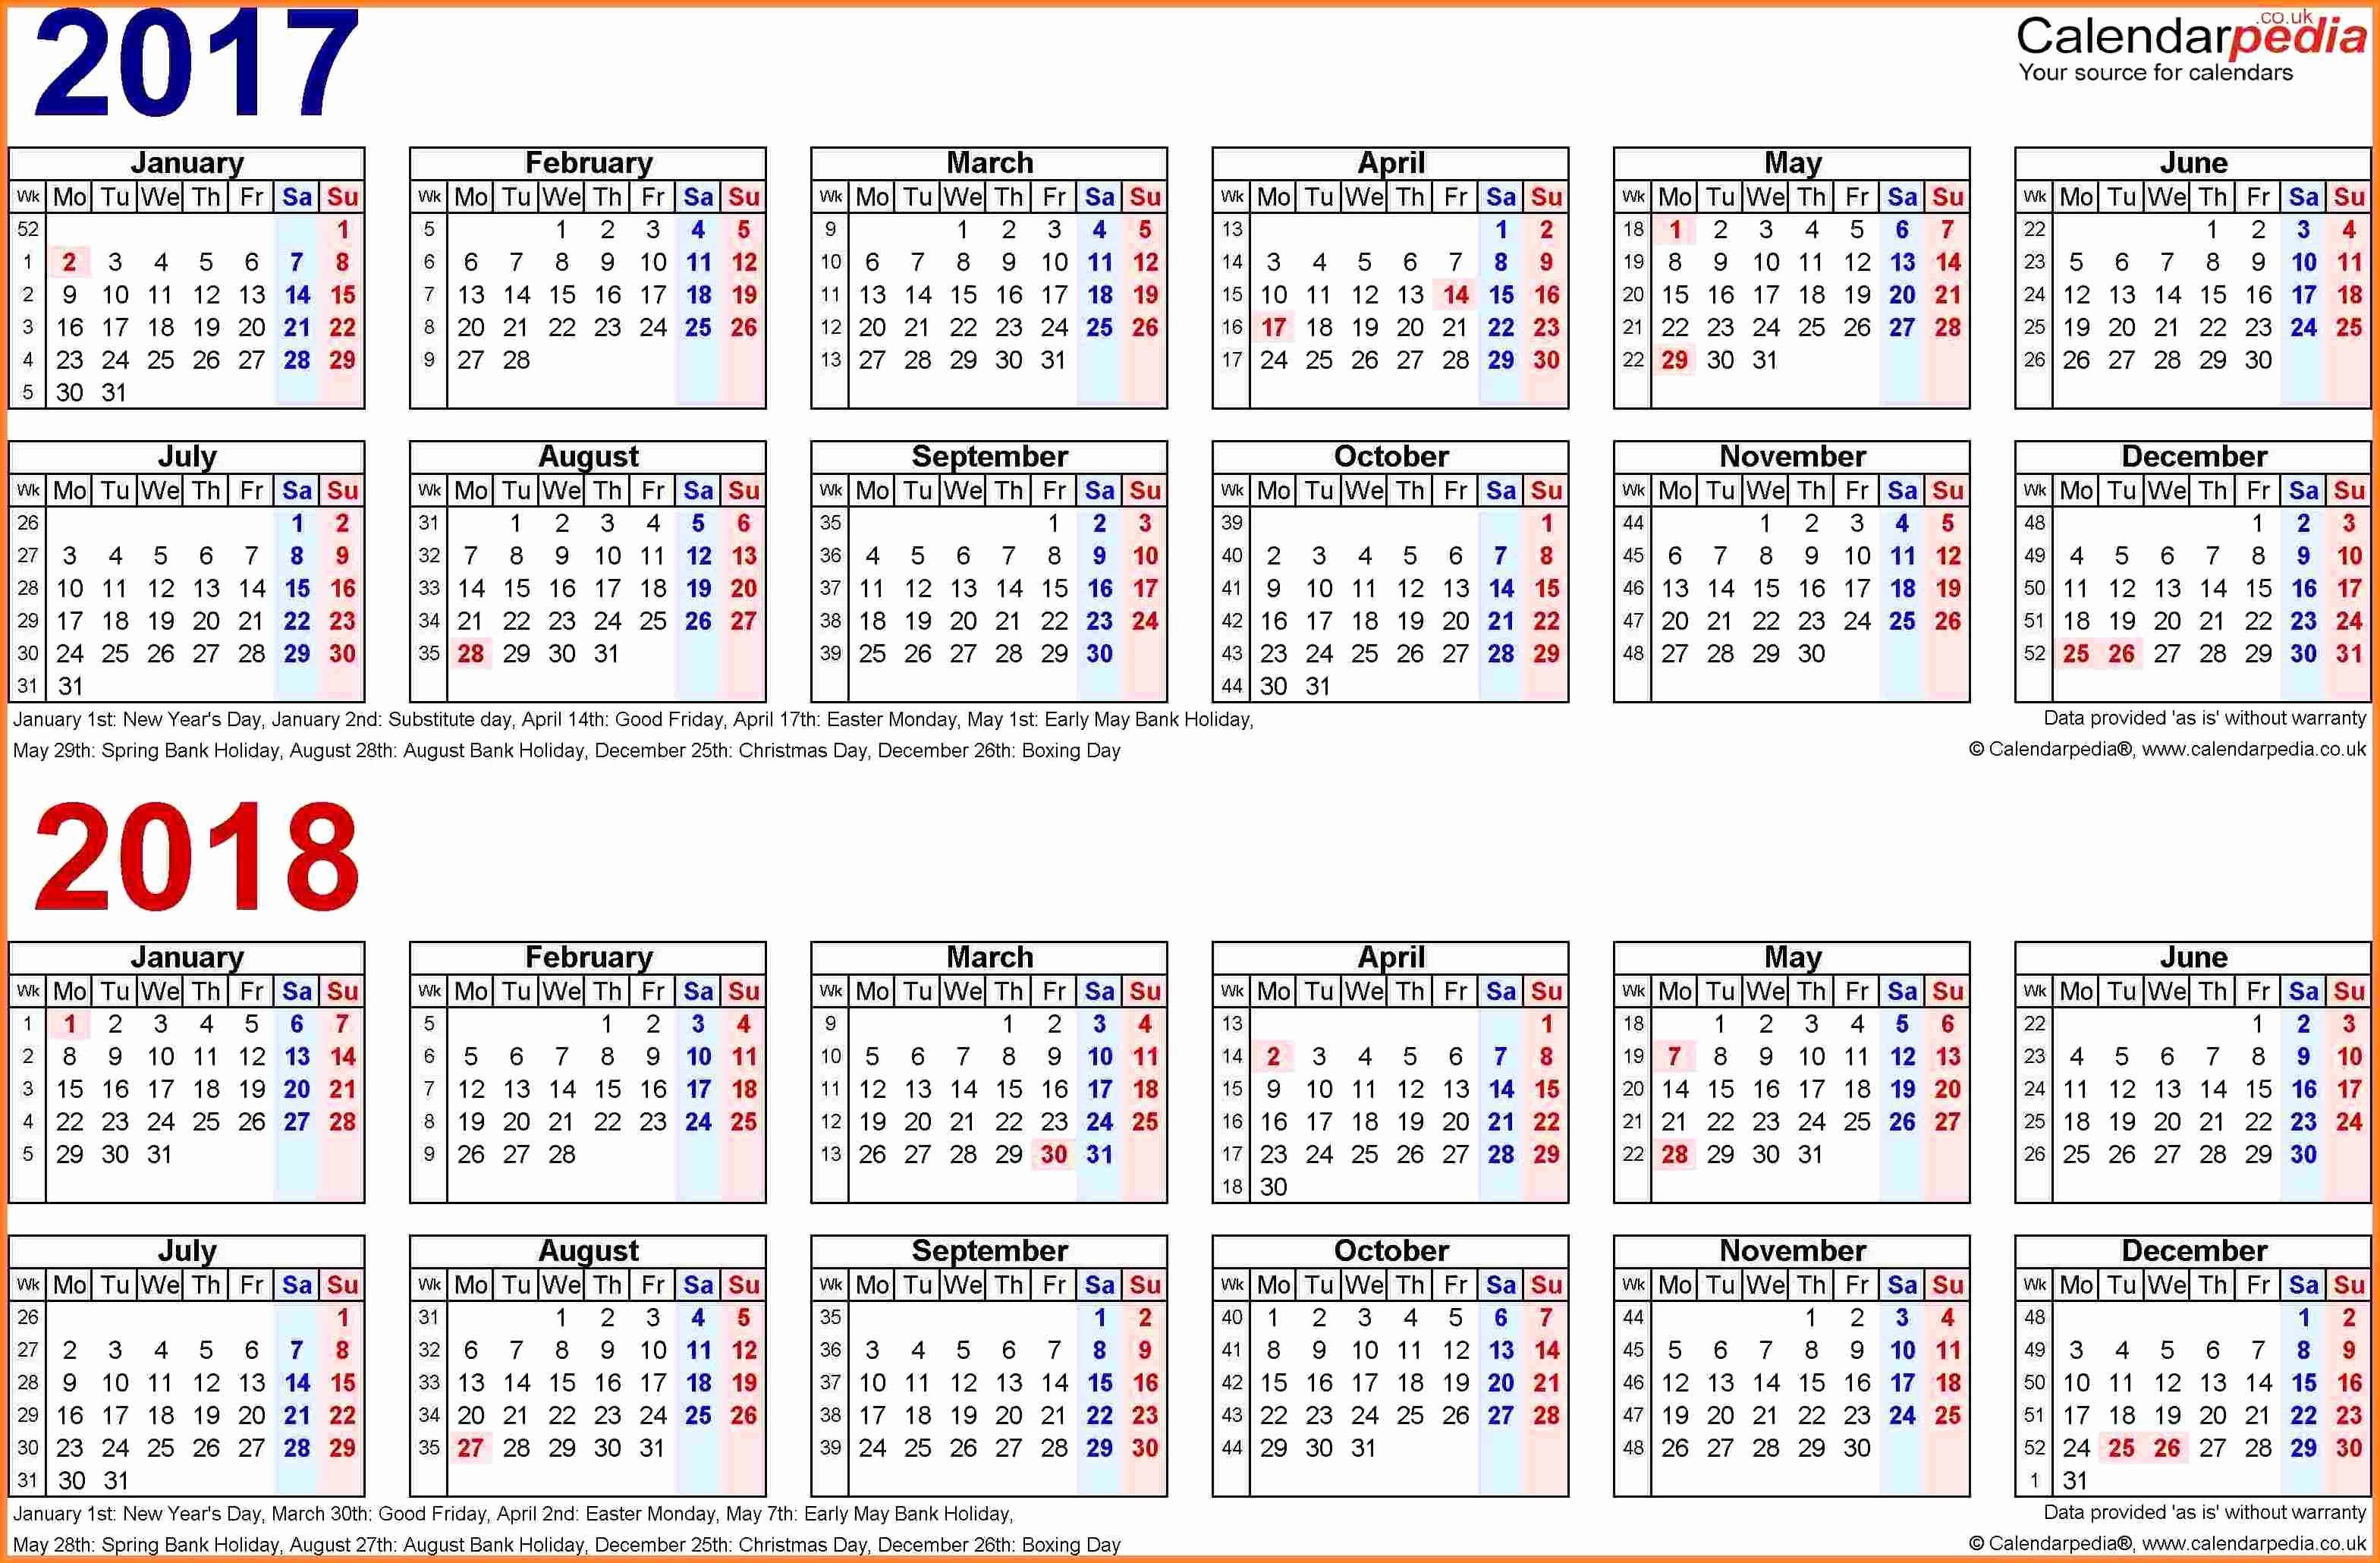 Biweekly Payroll Calendar Template 2017 New 12 Payroll Calendar Template 2017